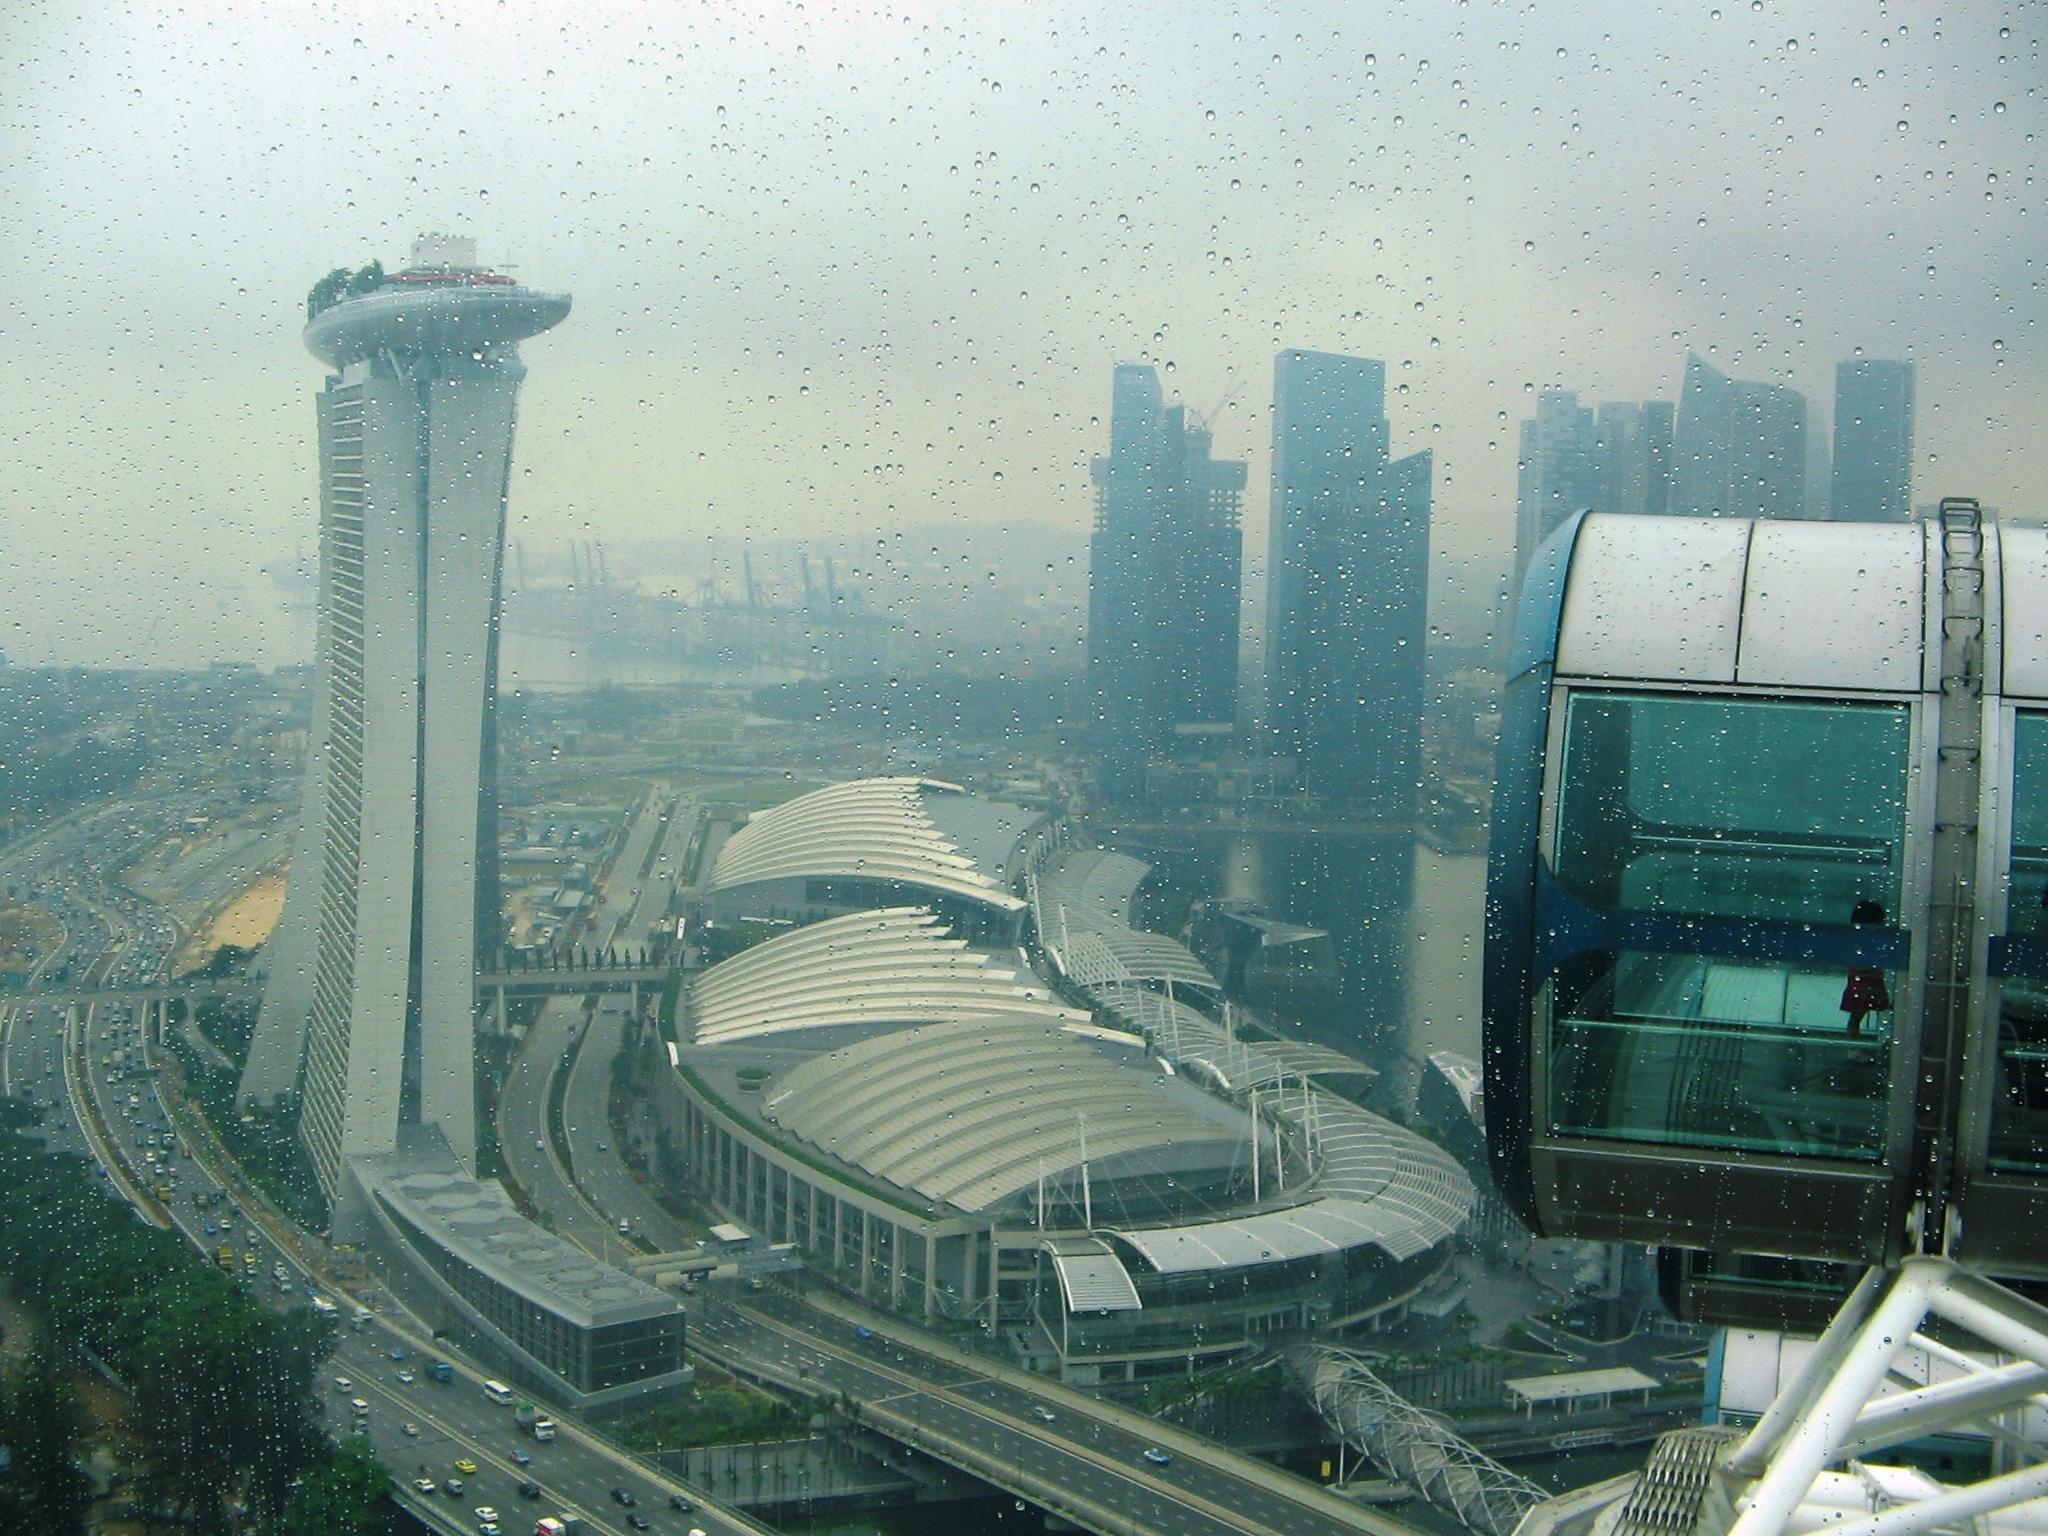 Deasupra orasului Singapore. Imagine panoramica